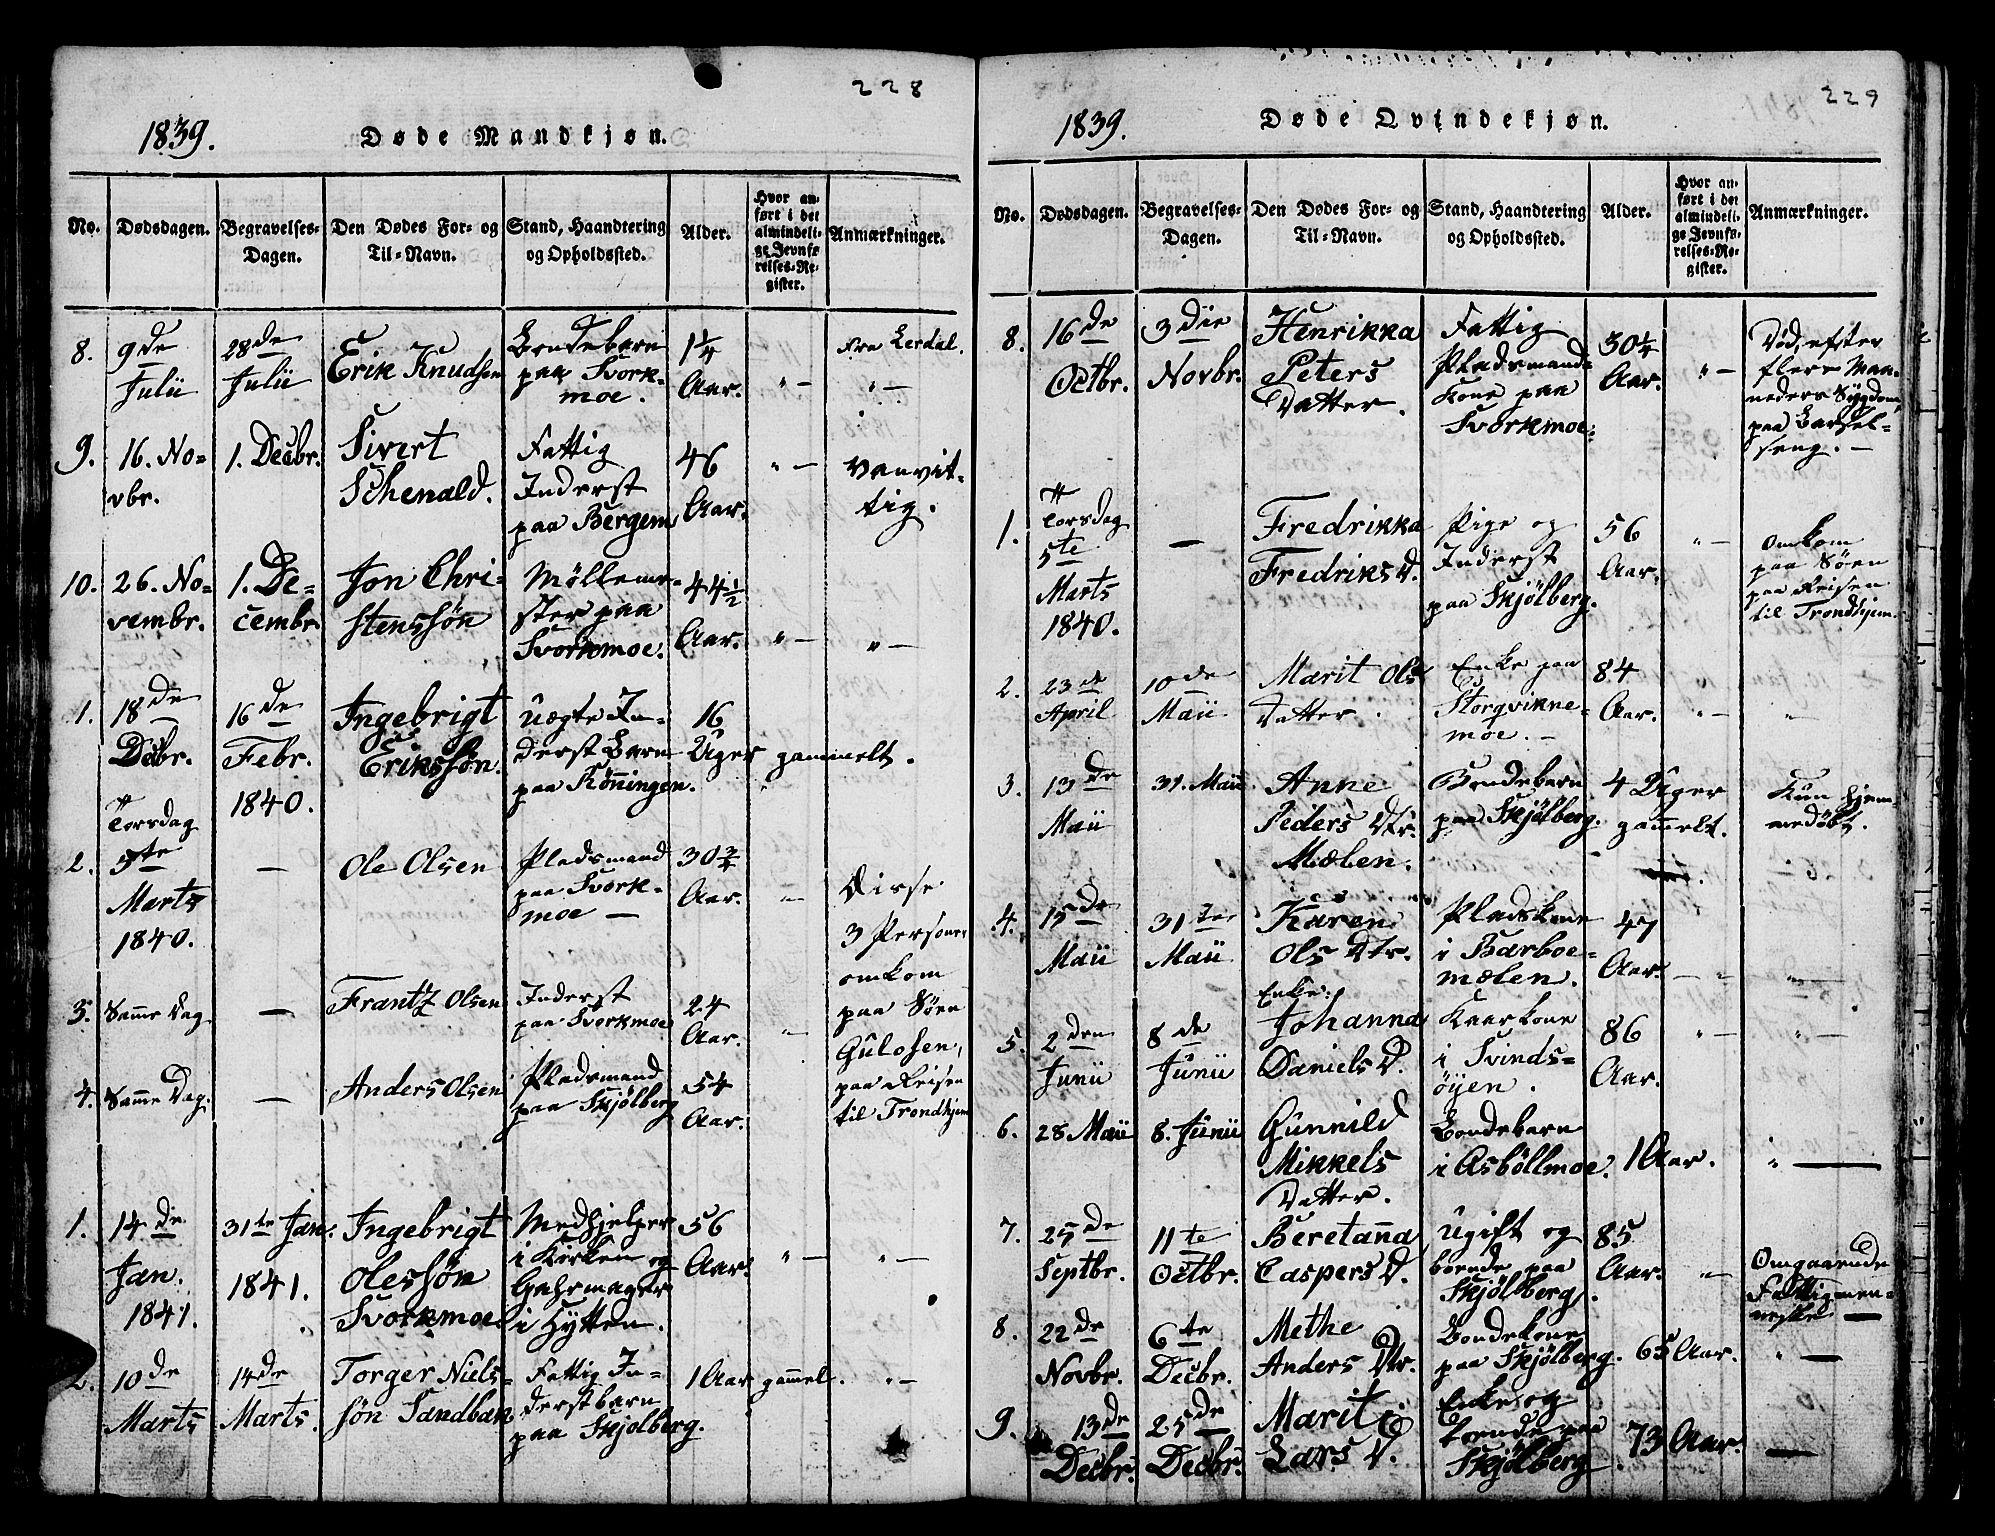 SAT, Ministerialprotokoller, klokkerbøker og fødselsregistre - Sør-Trøndelag, 671/L0842: Klokkerbok nr. 671C01, 1816-1867, s. 228-229